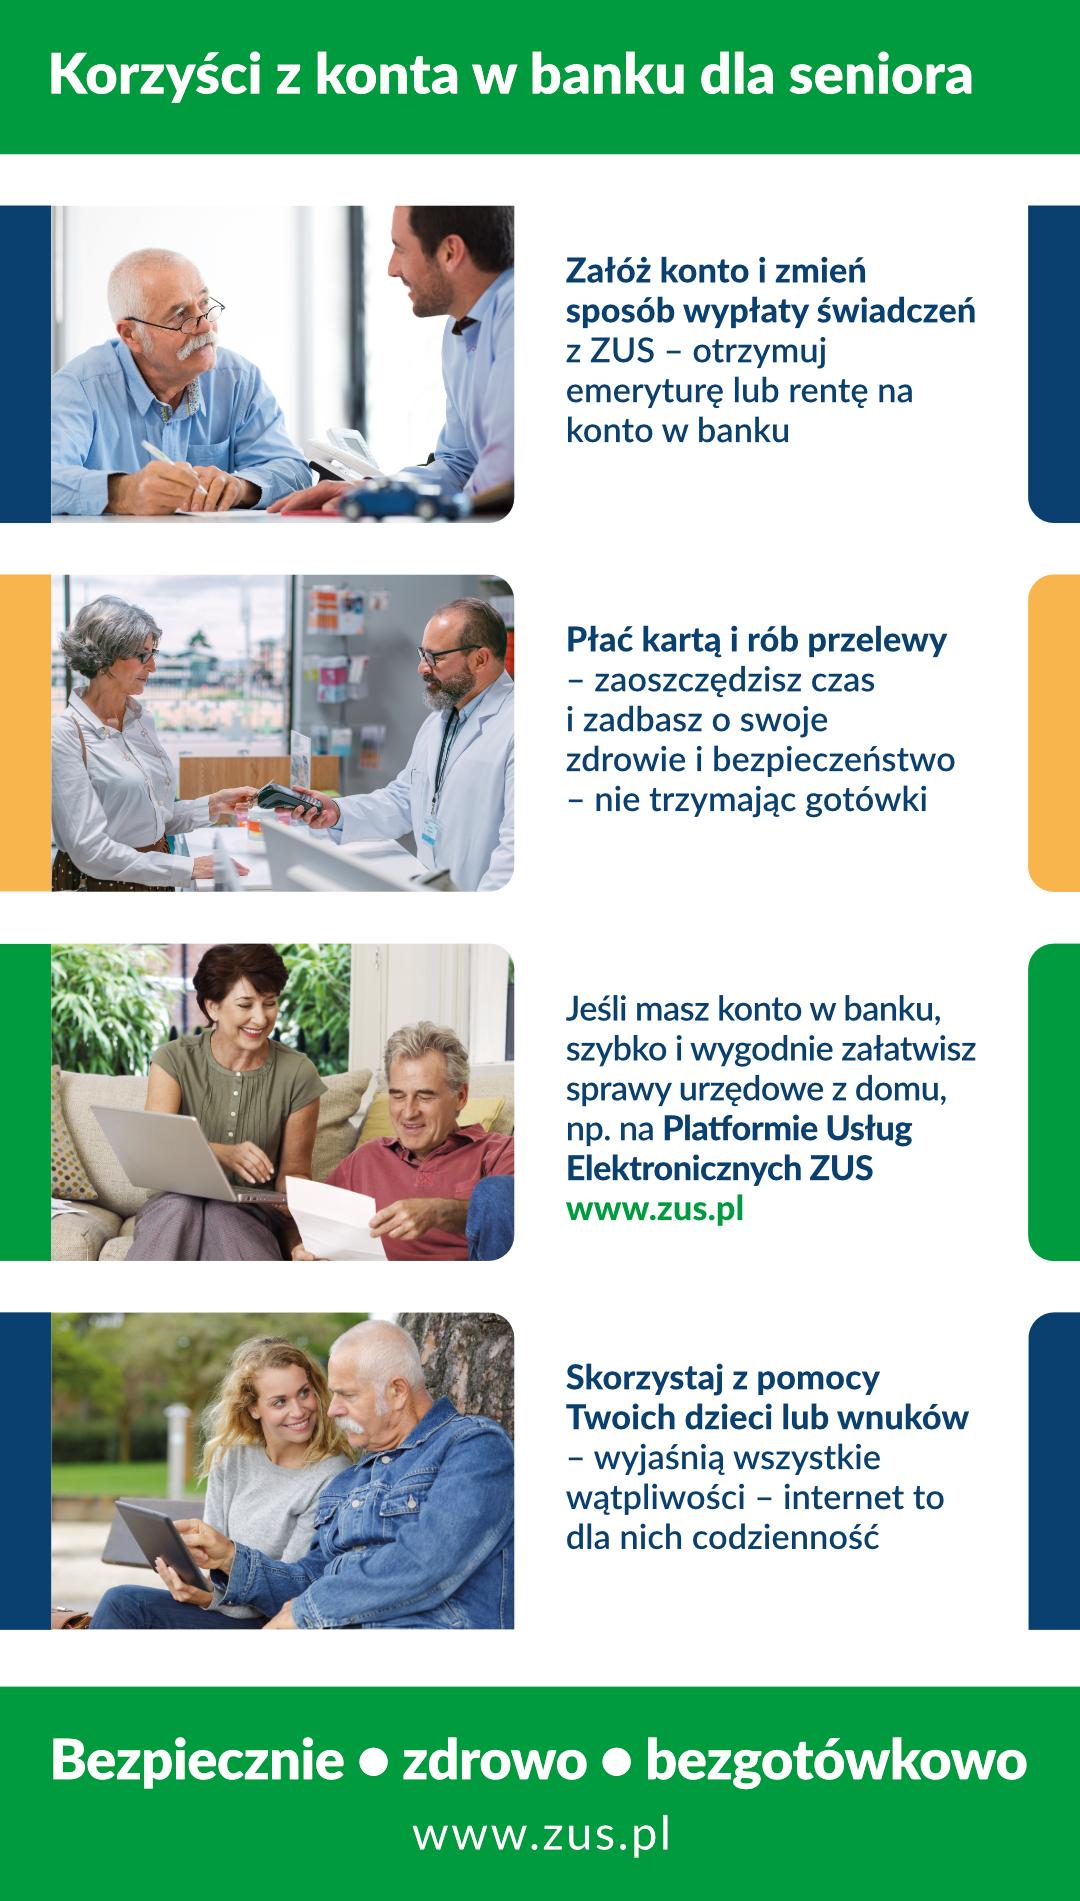 infografika BZB korzyści z konta.png